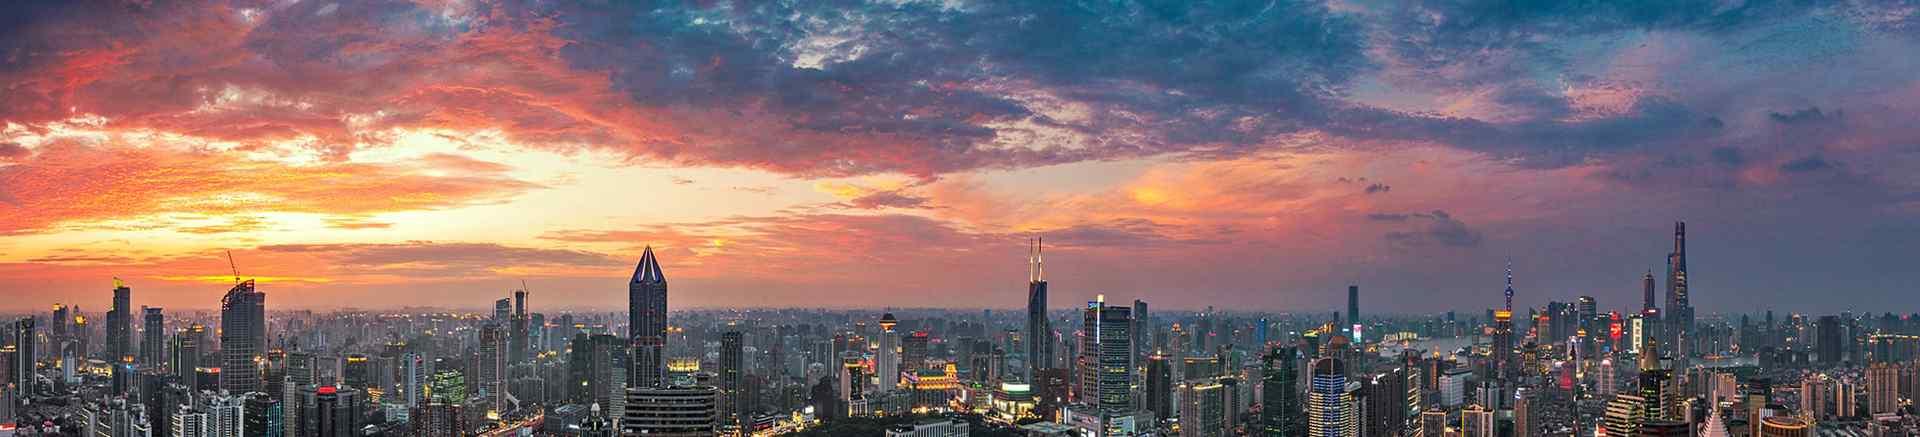 上海_上海滩_上海风景图片_上海旅游_大上海_上海旅游景点_风景图片